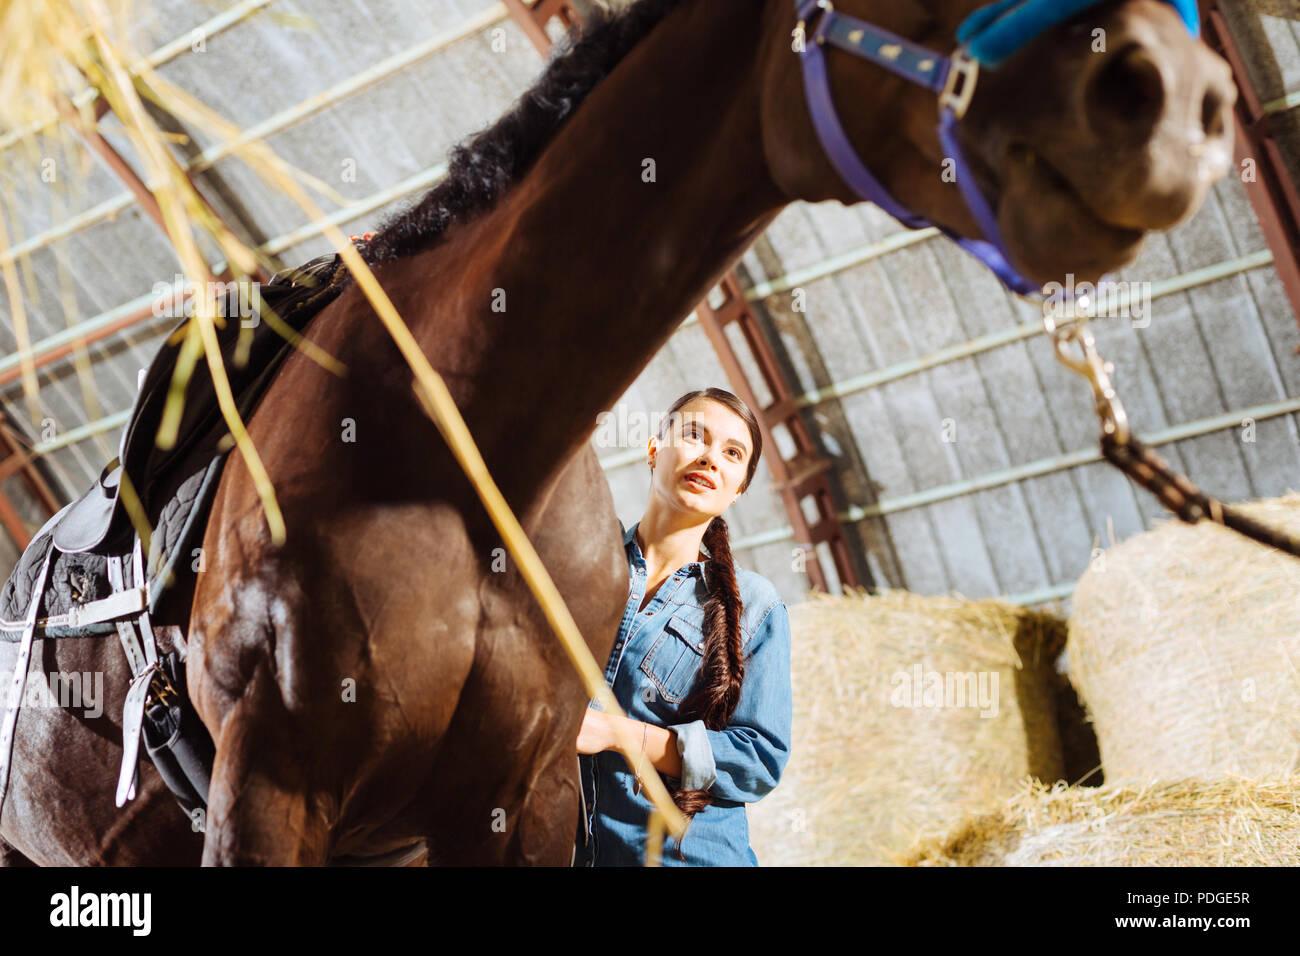 Junge Reiterin mit langen dunklen Haaren ihre Racing Pferd Fütterung Stockbild